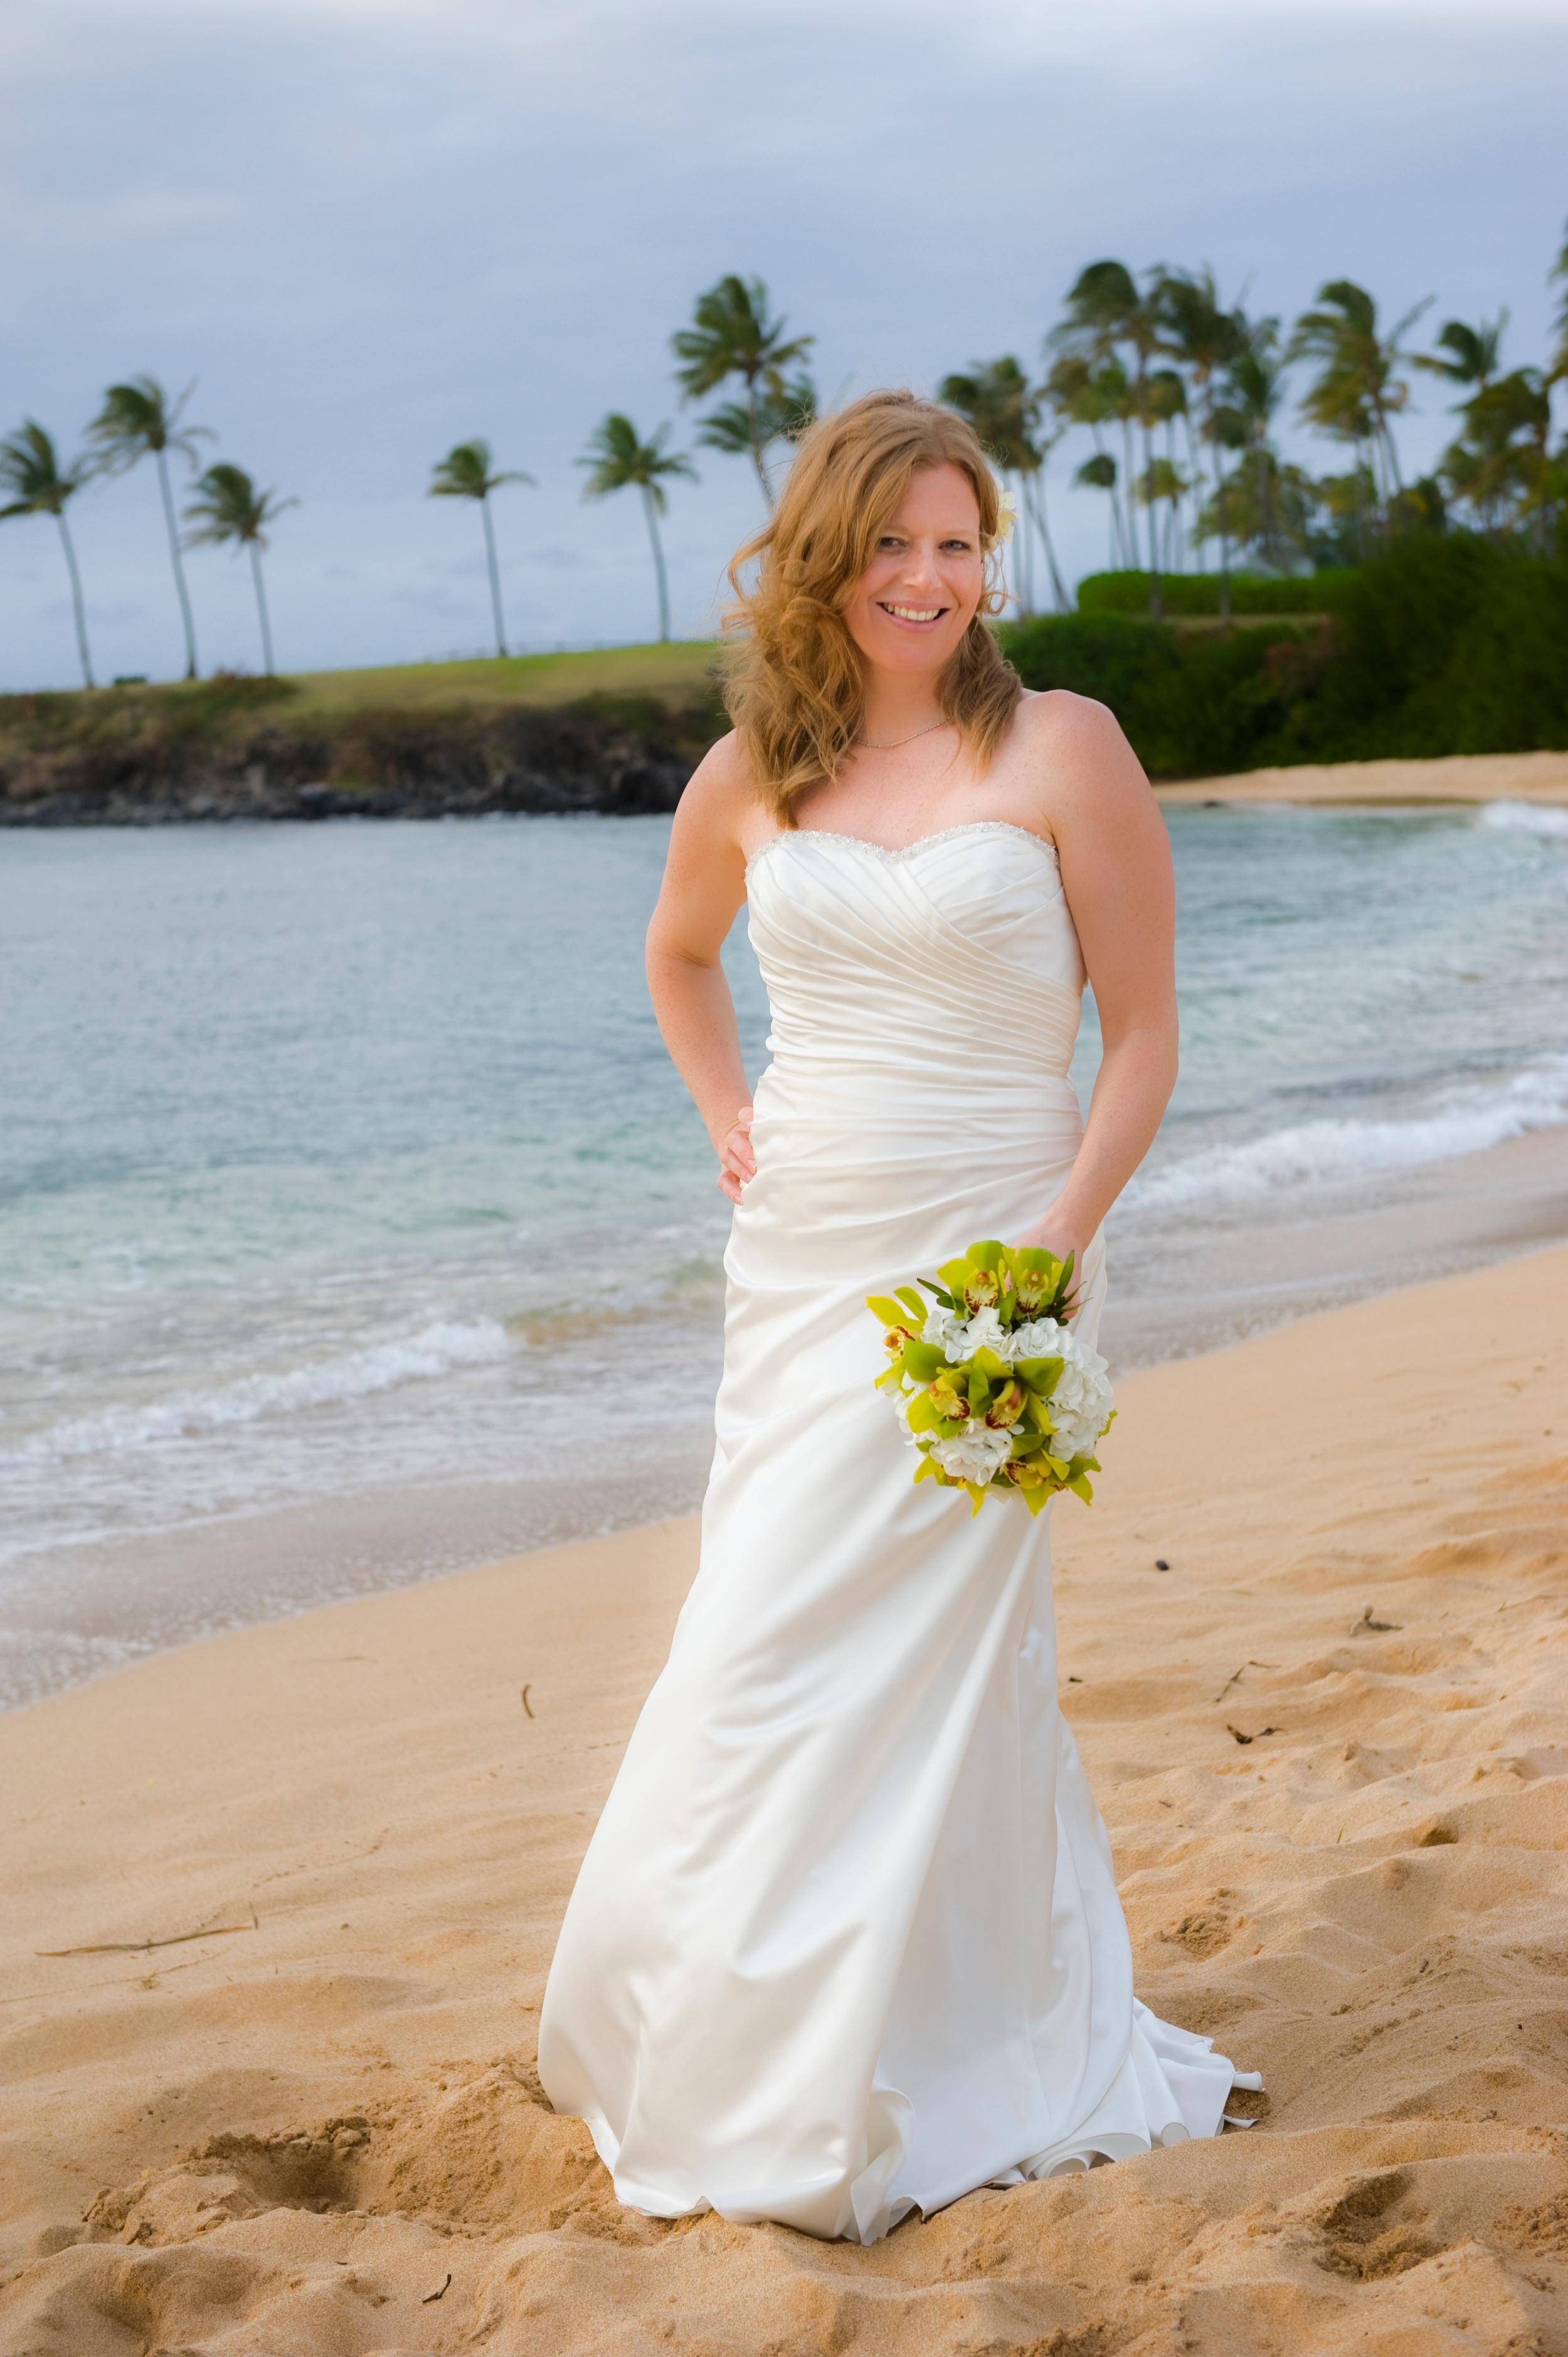 Wedding++31727-1852465248-O.jpg